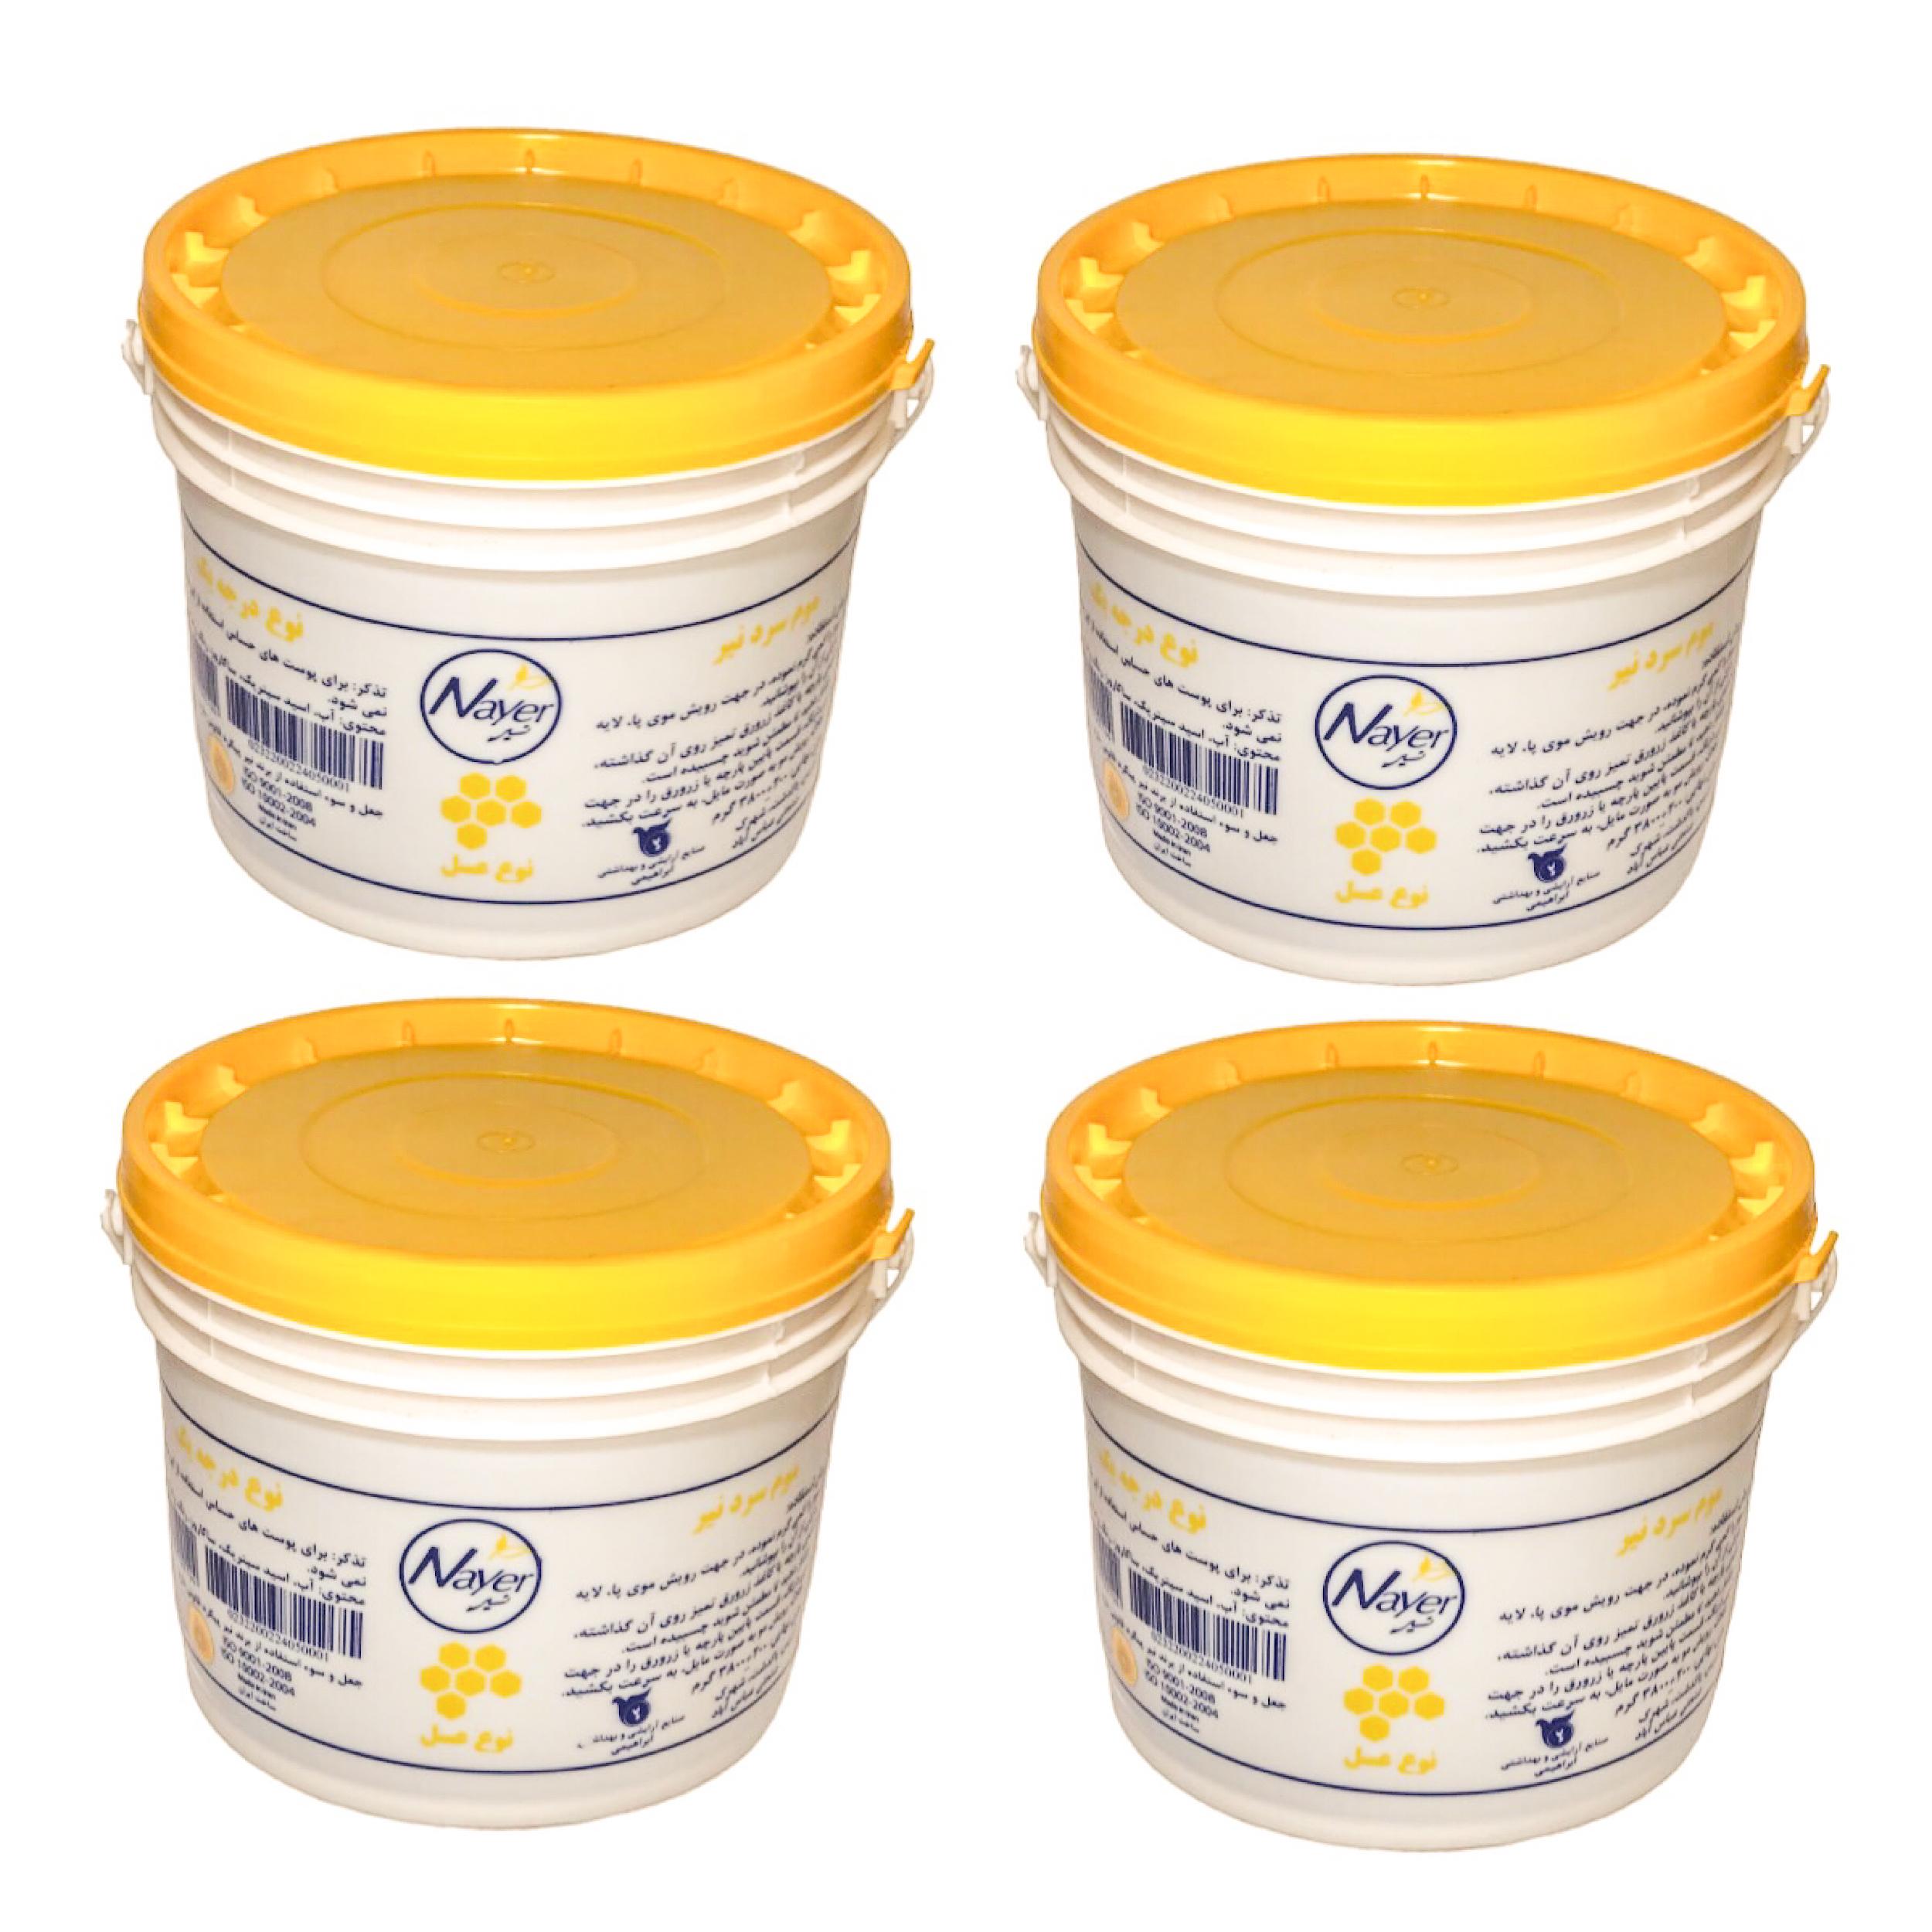 خرید                      موم موبر نیر مدل Honey  وزن 3800 گرم بسته 4 عددی              ✅